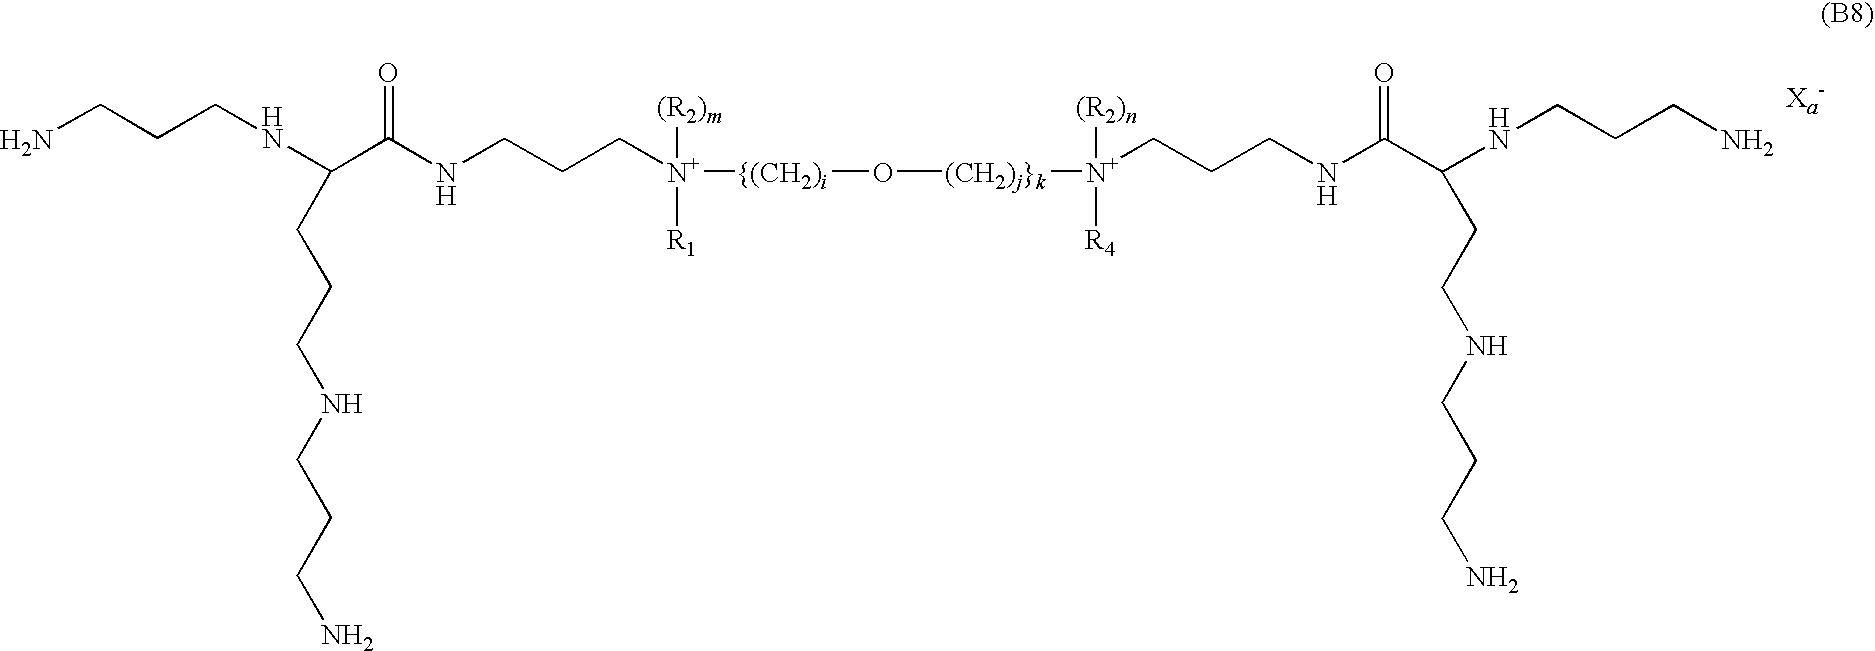 Figure US08158827-20120417-C00032